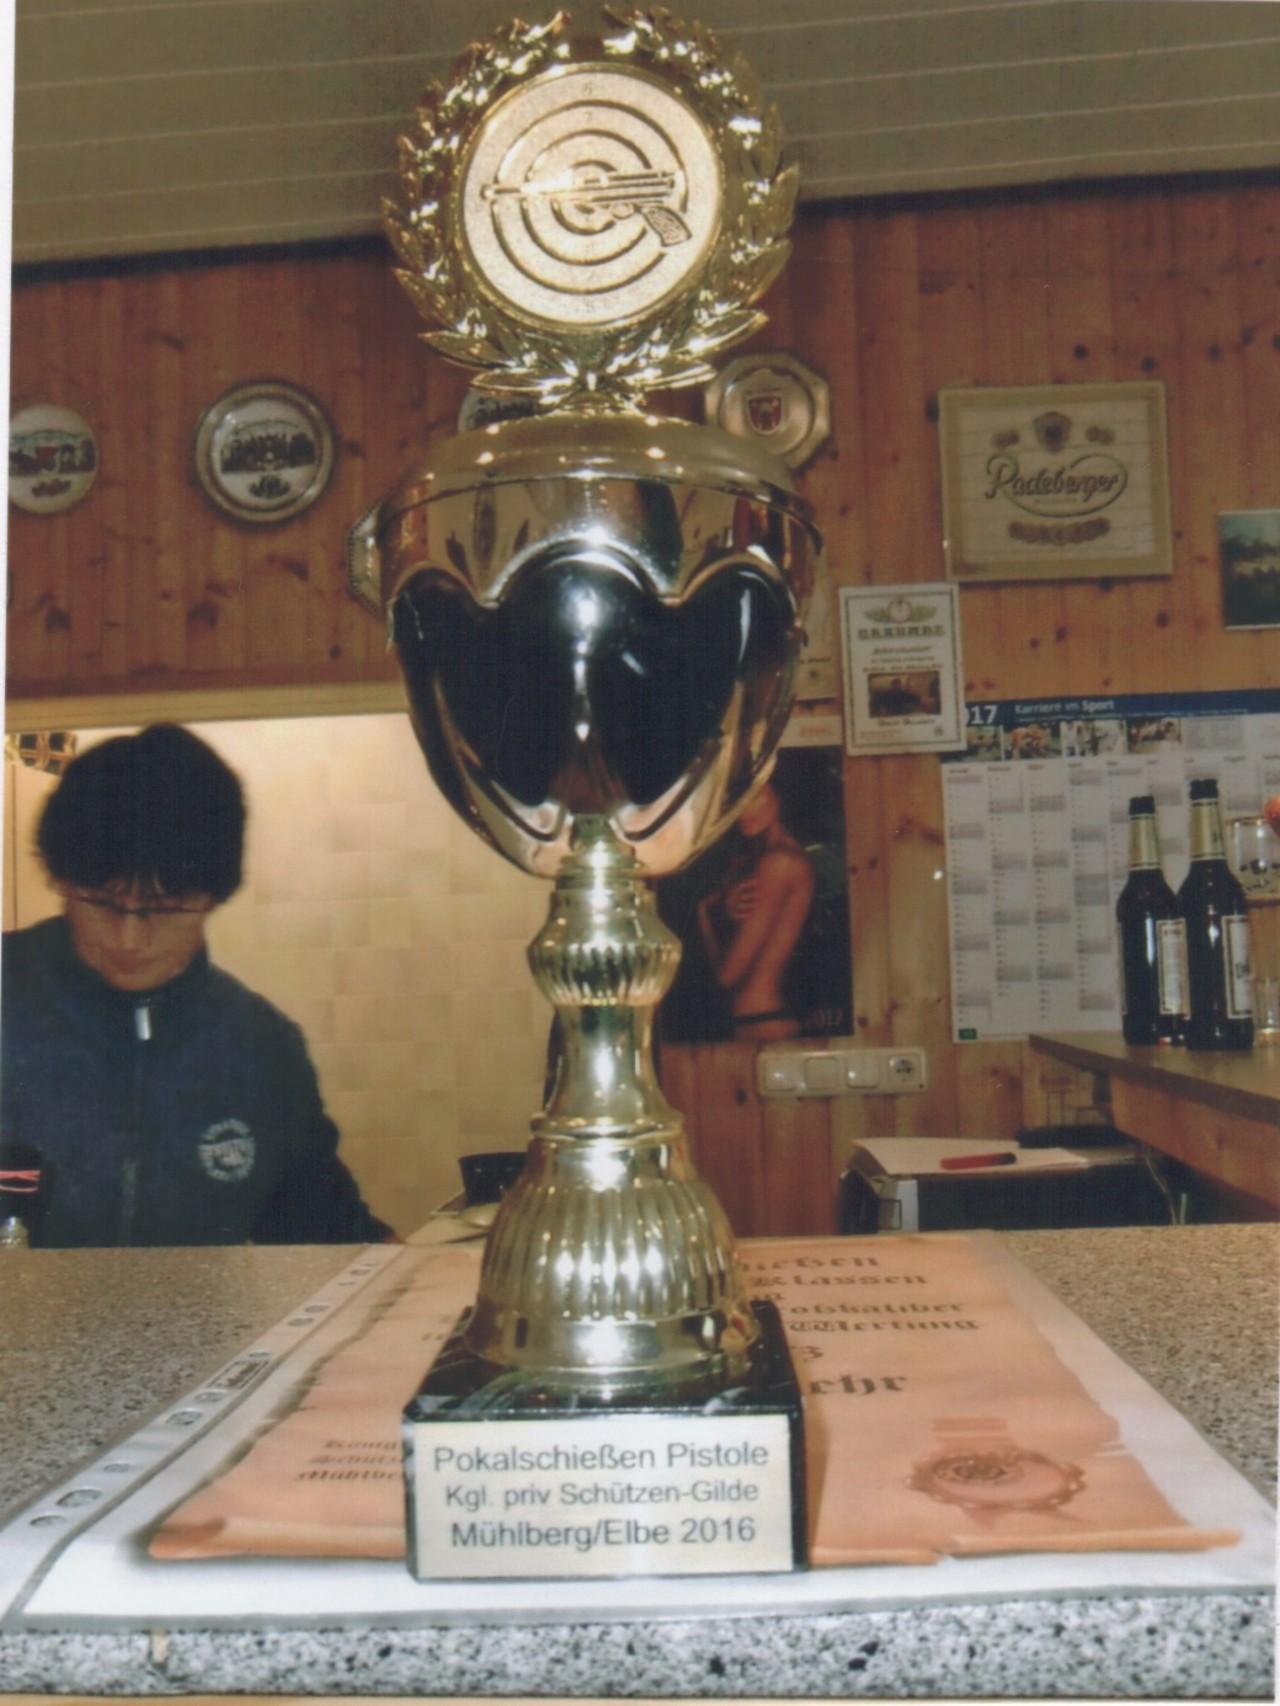 Pokal Wettkampf Pistole 2016